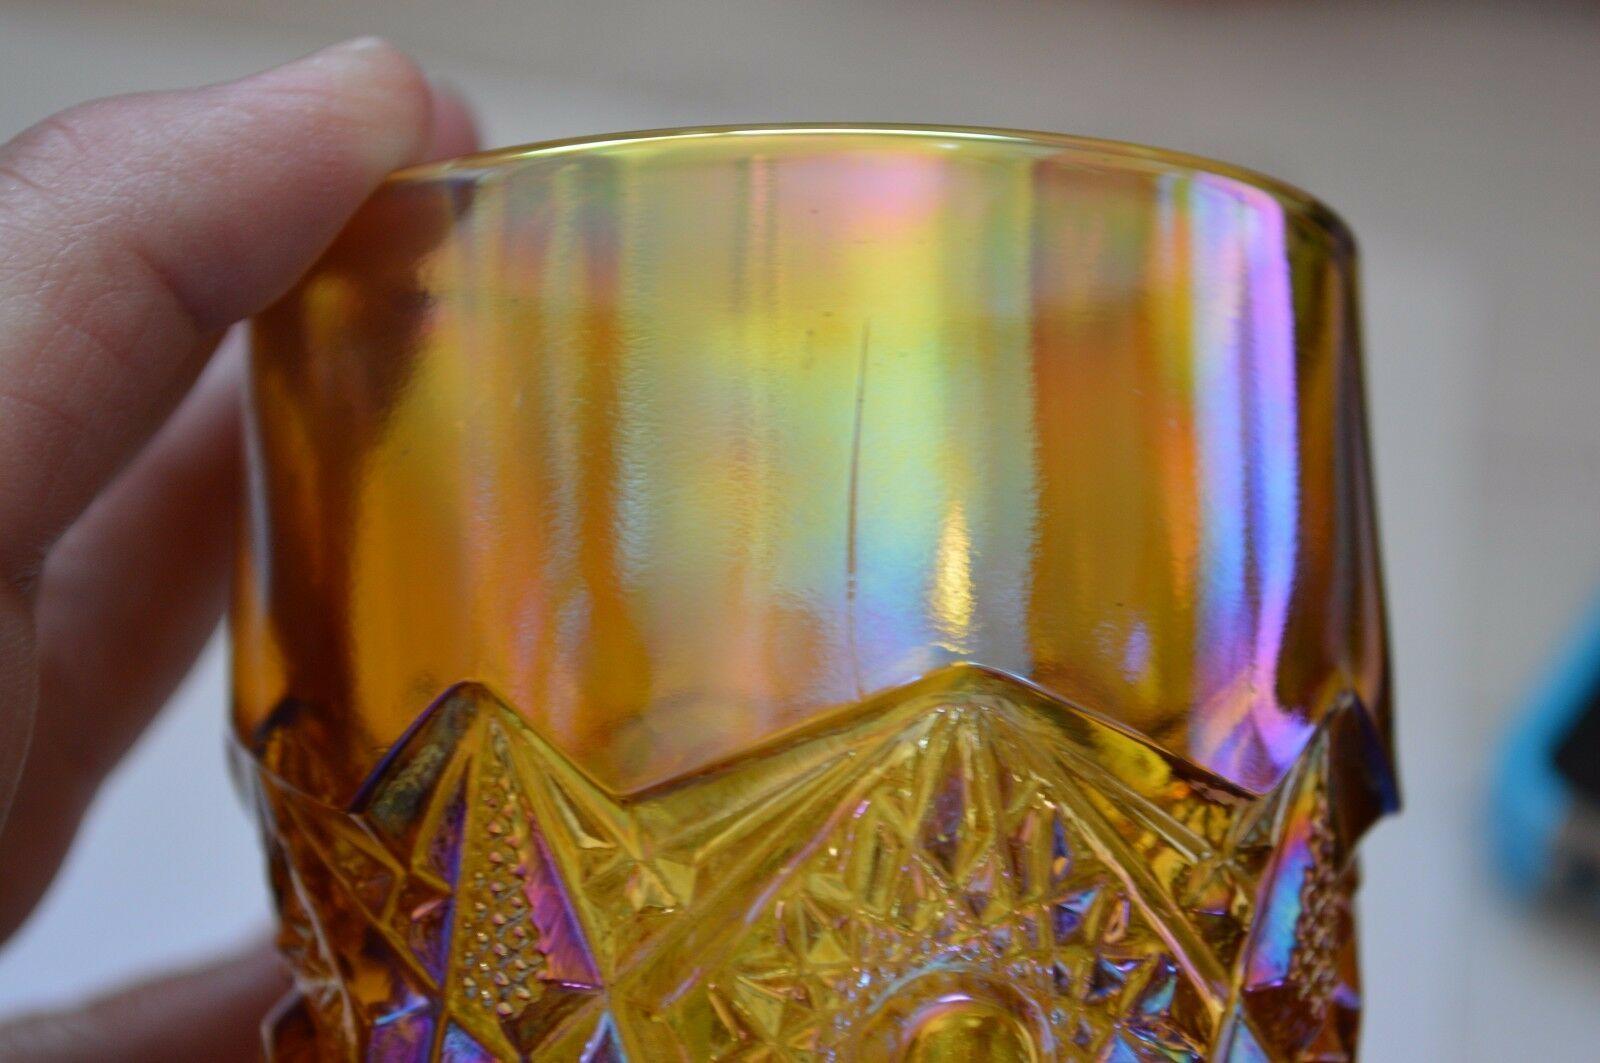 2 L E Smith Carnival Glass Valtec Tumblers image 10